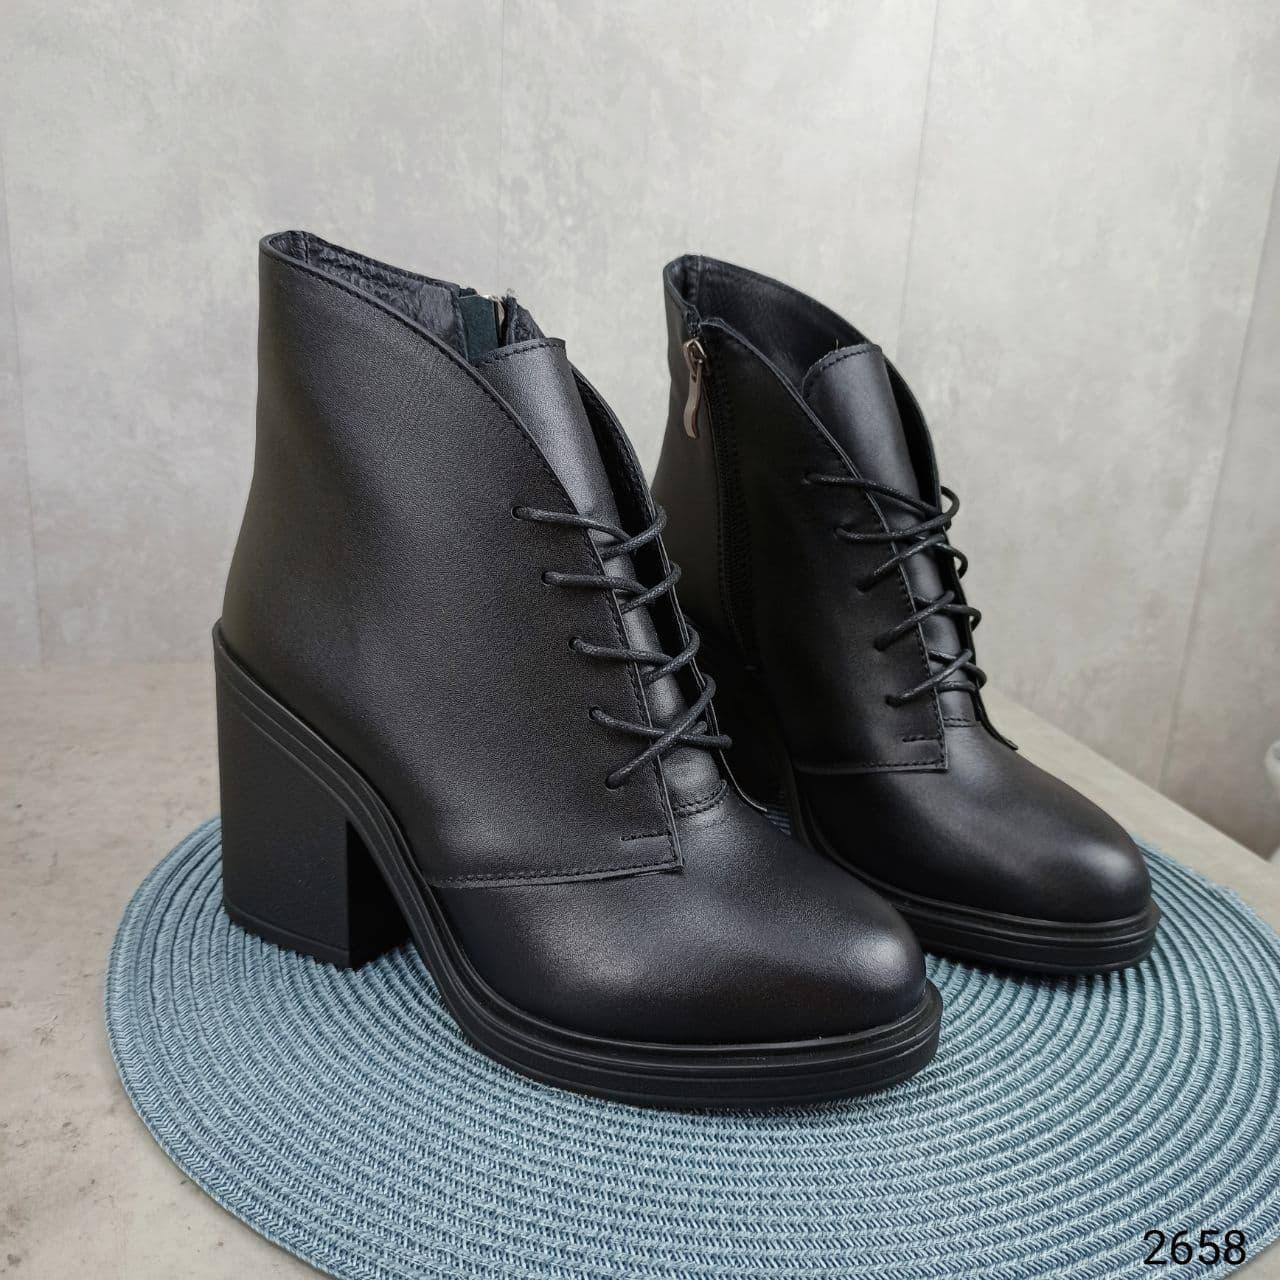 36 р. Ботинки женские зимние зима черные кожаные на высоком каблуке из натуральной кожи натуральная кожа